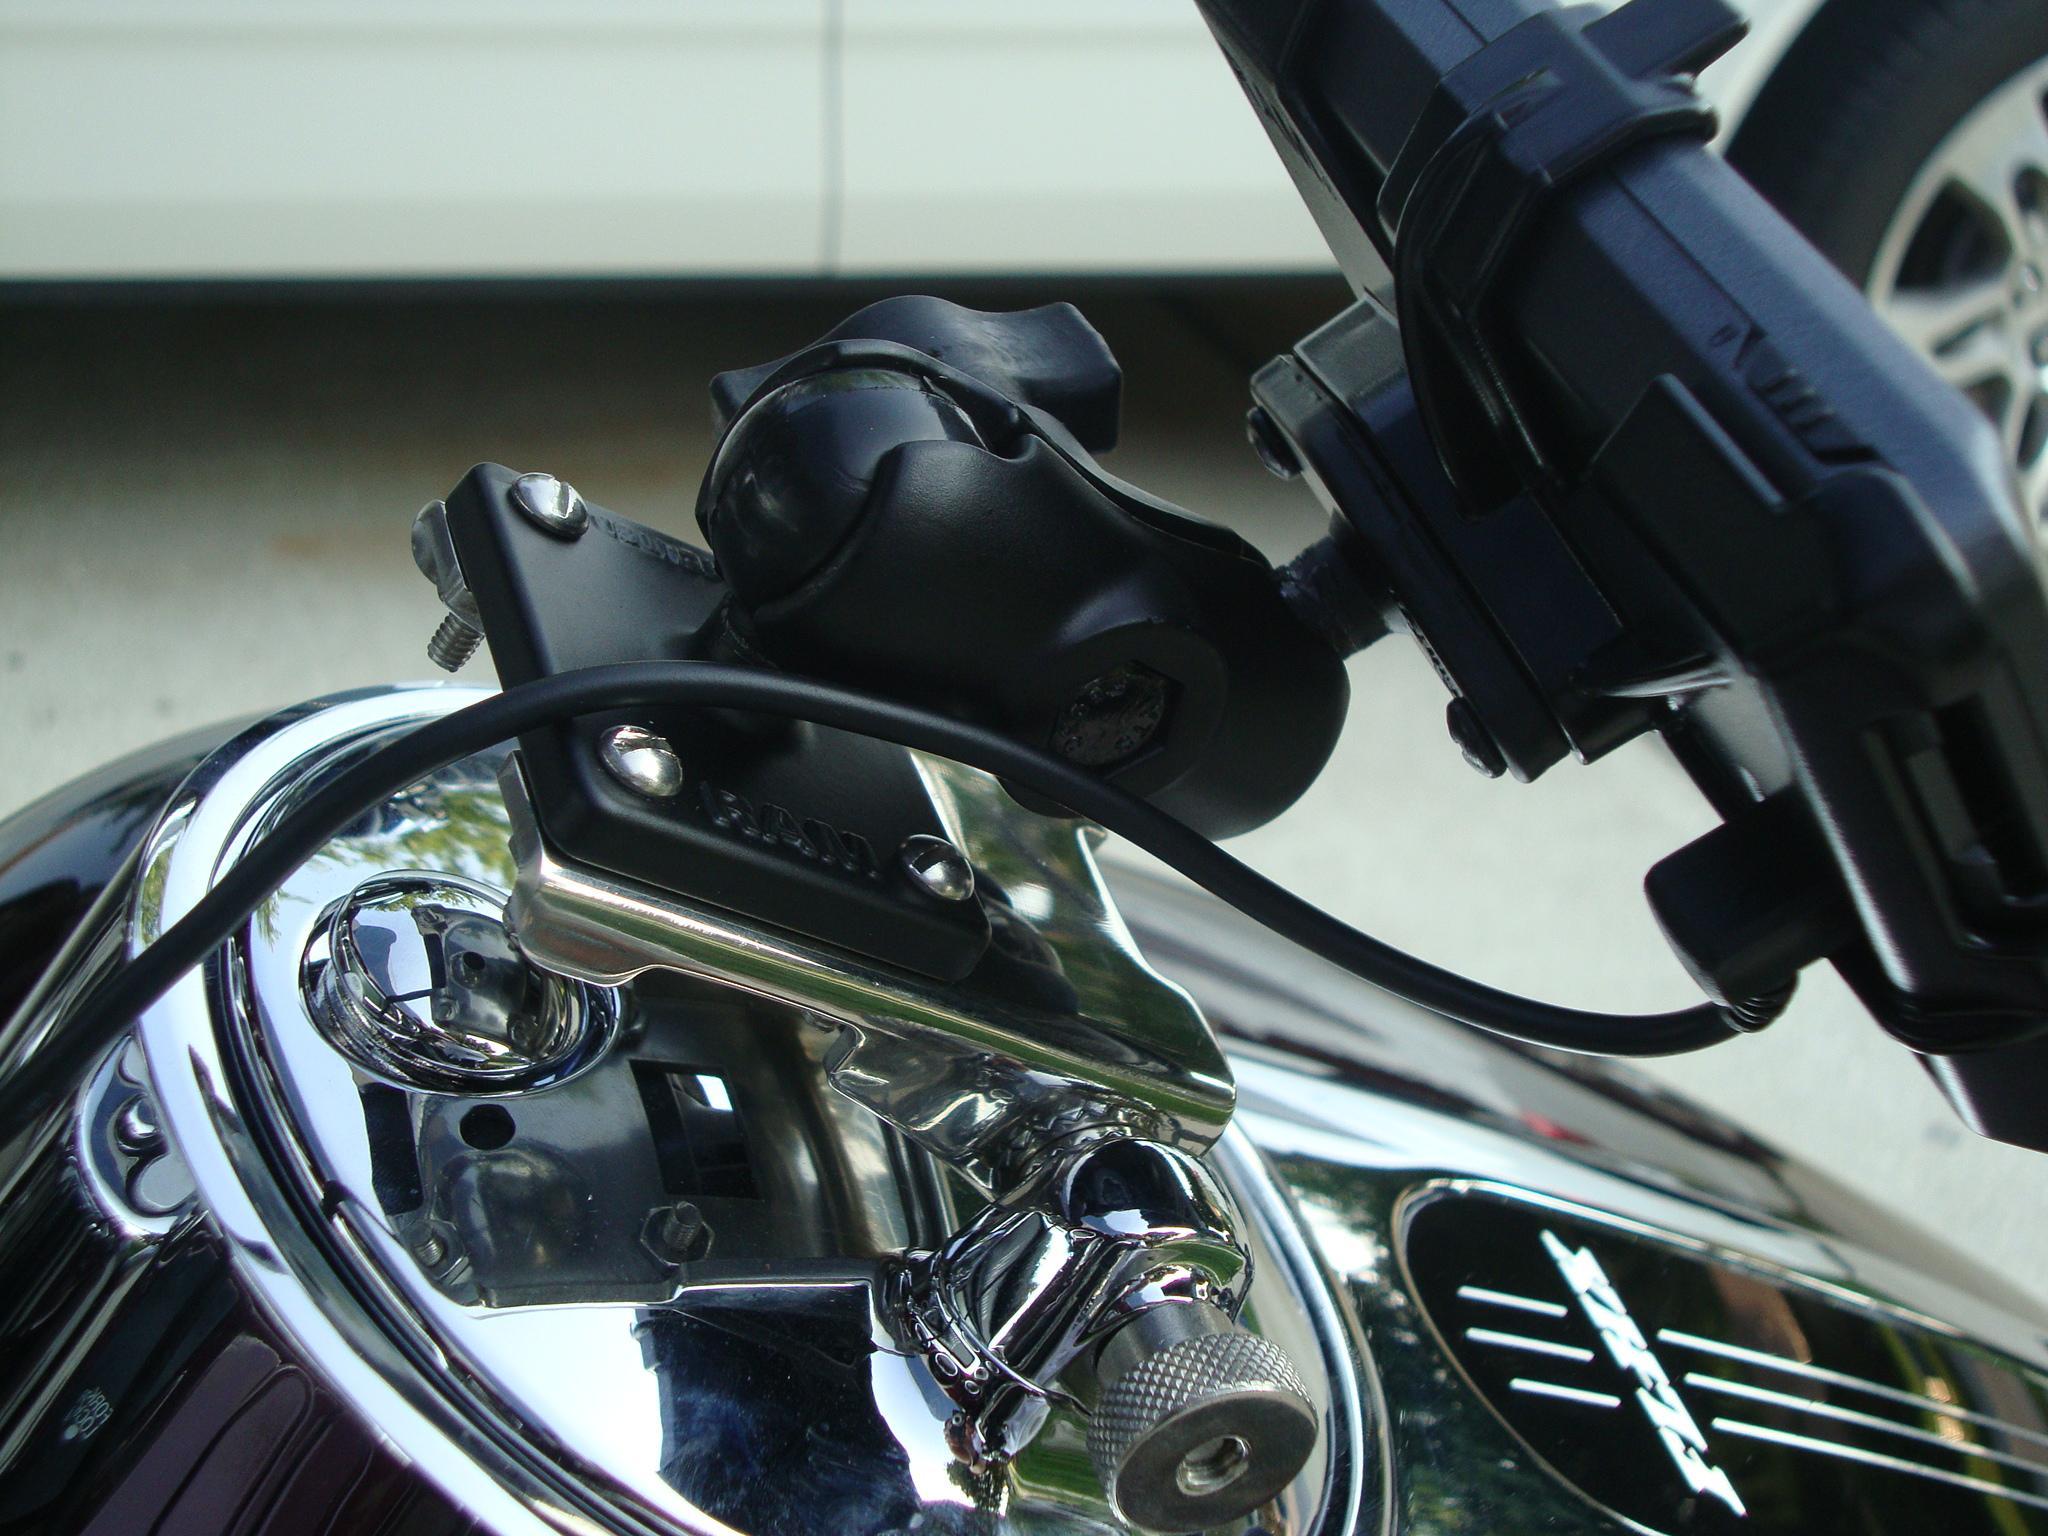 2007 Harley Davidson Fuel Door Mount Gallery Article